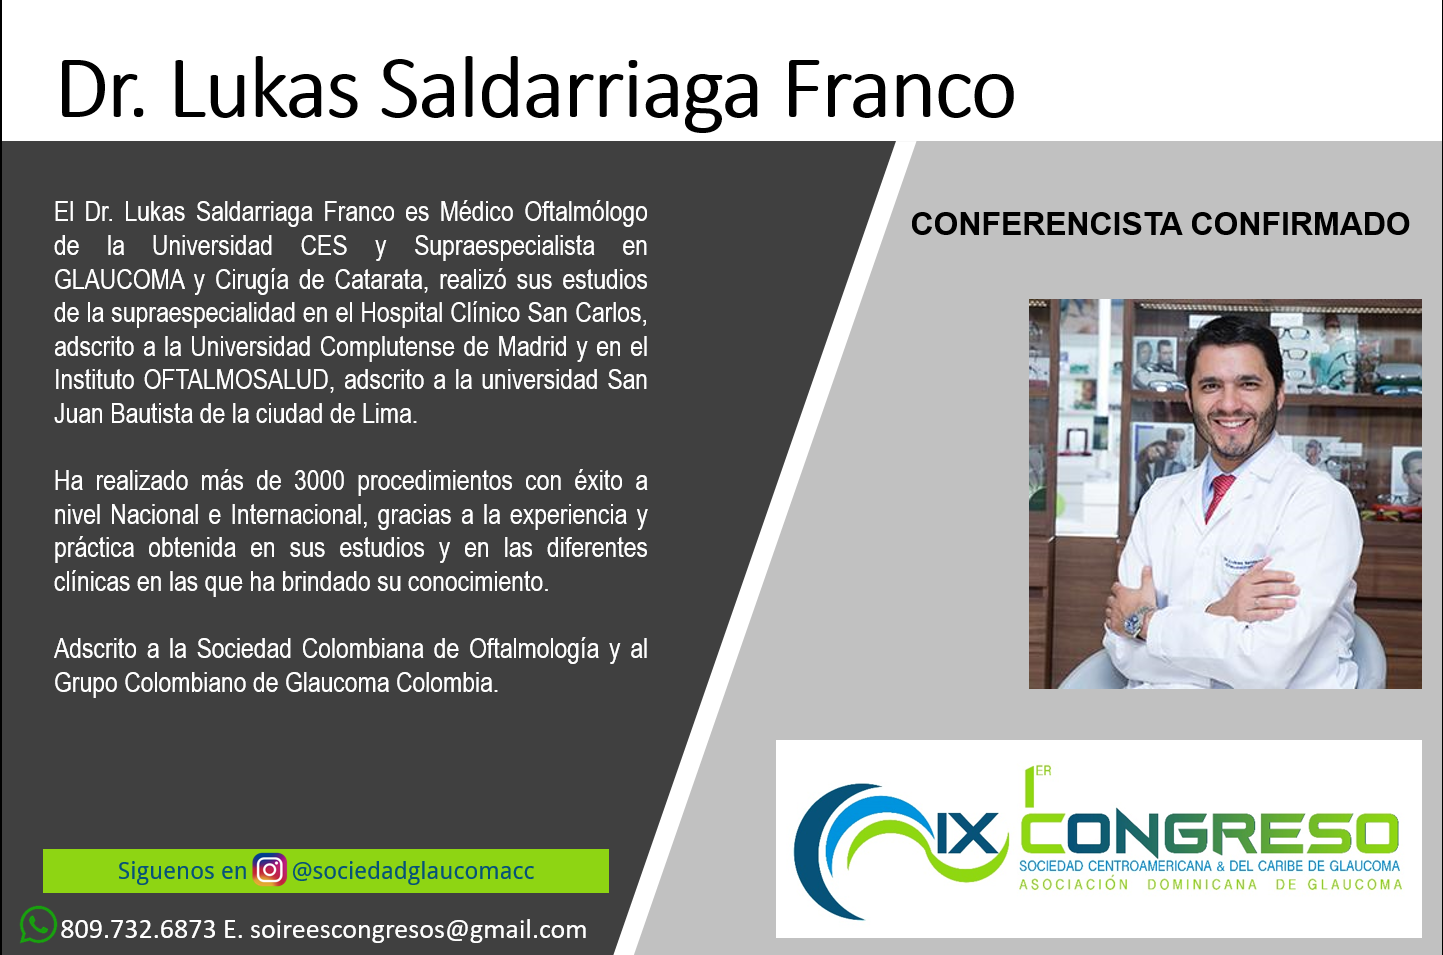 Dr. Lukas Saldarriaga